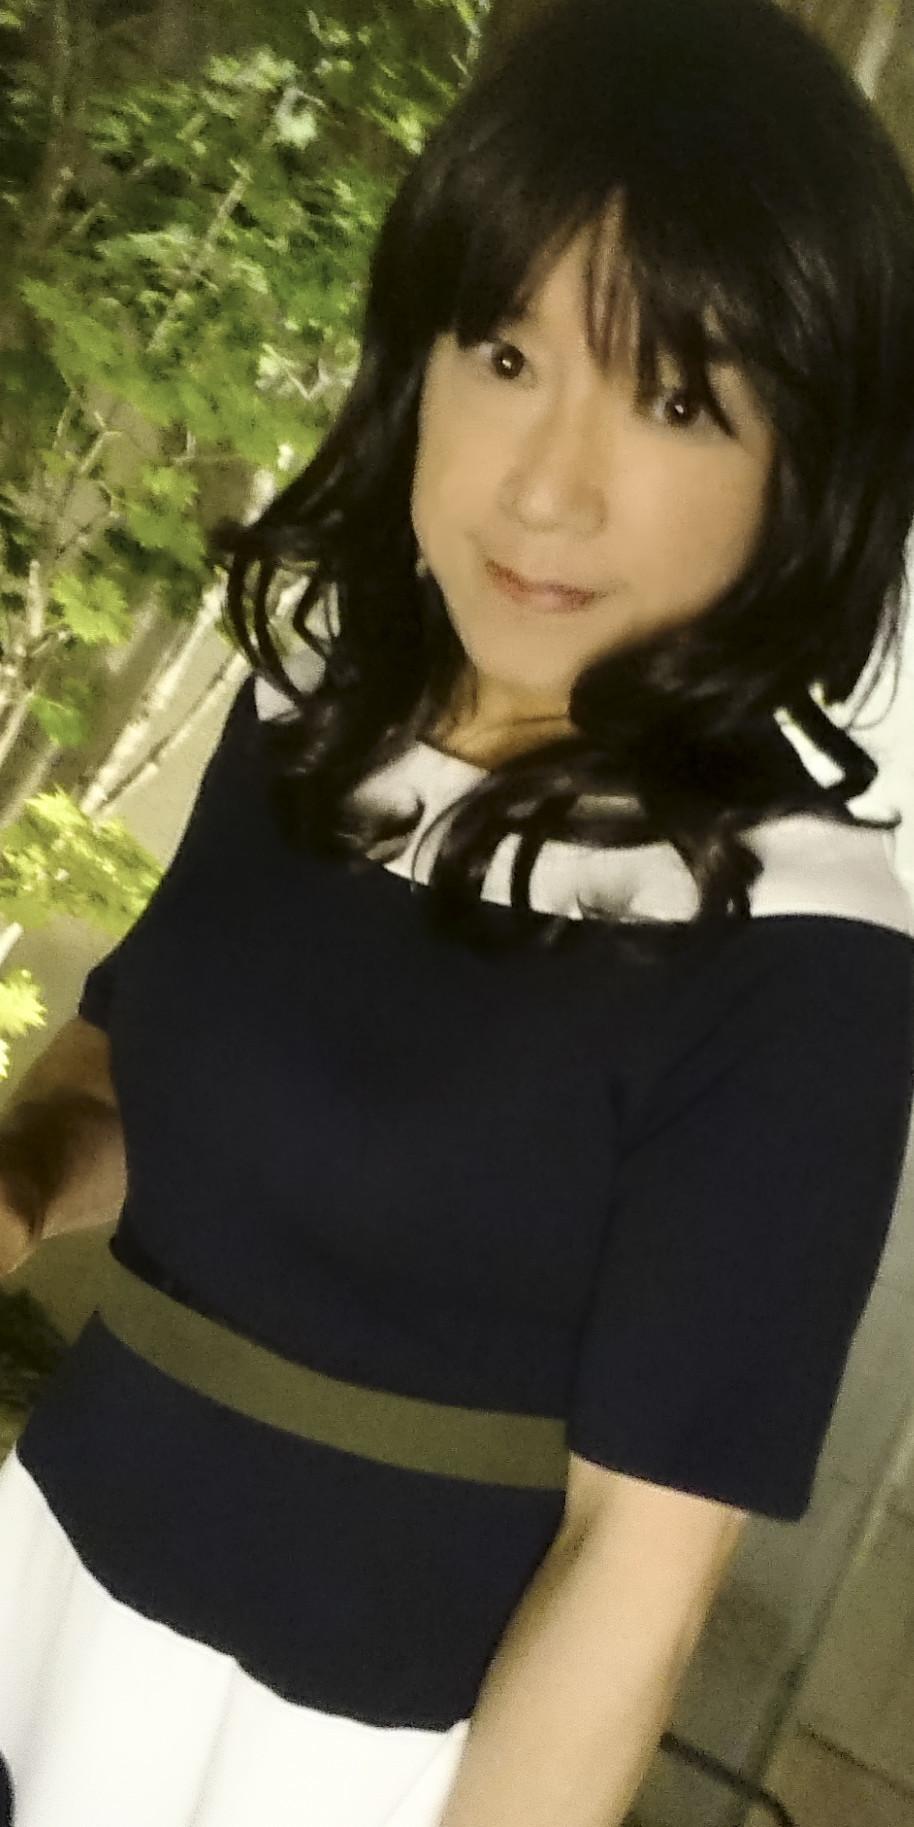 f0366107_18384948.jpg